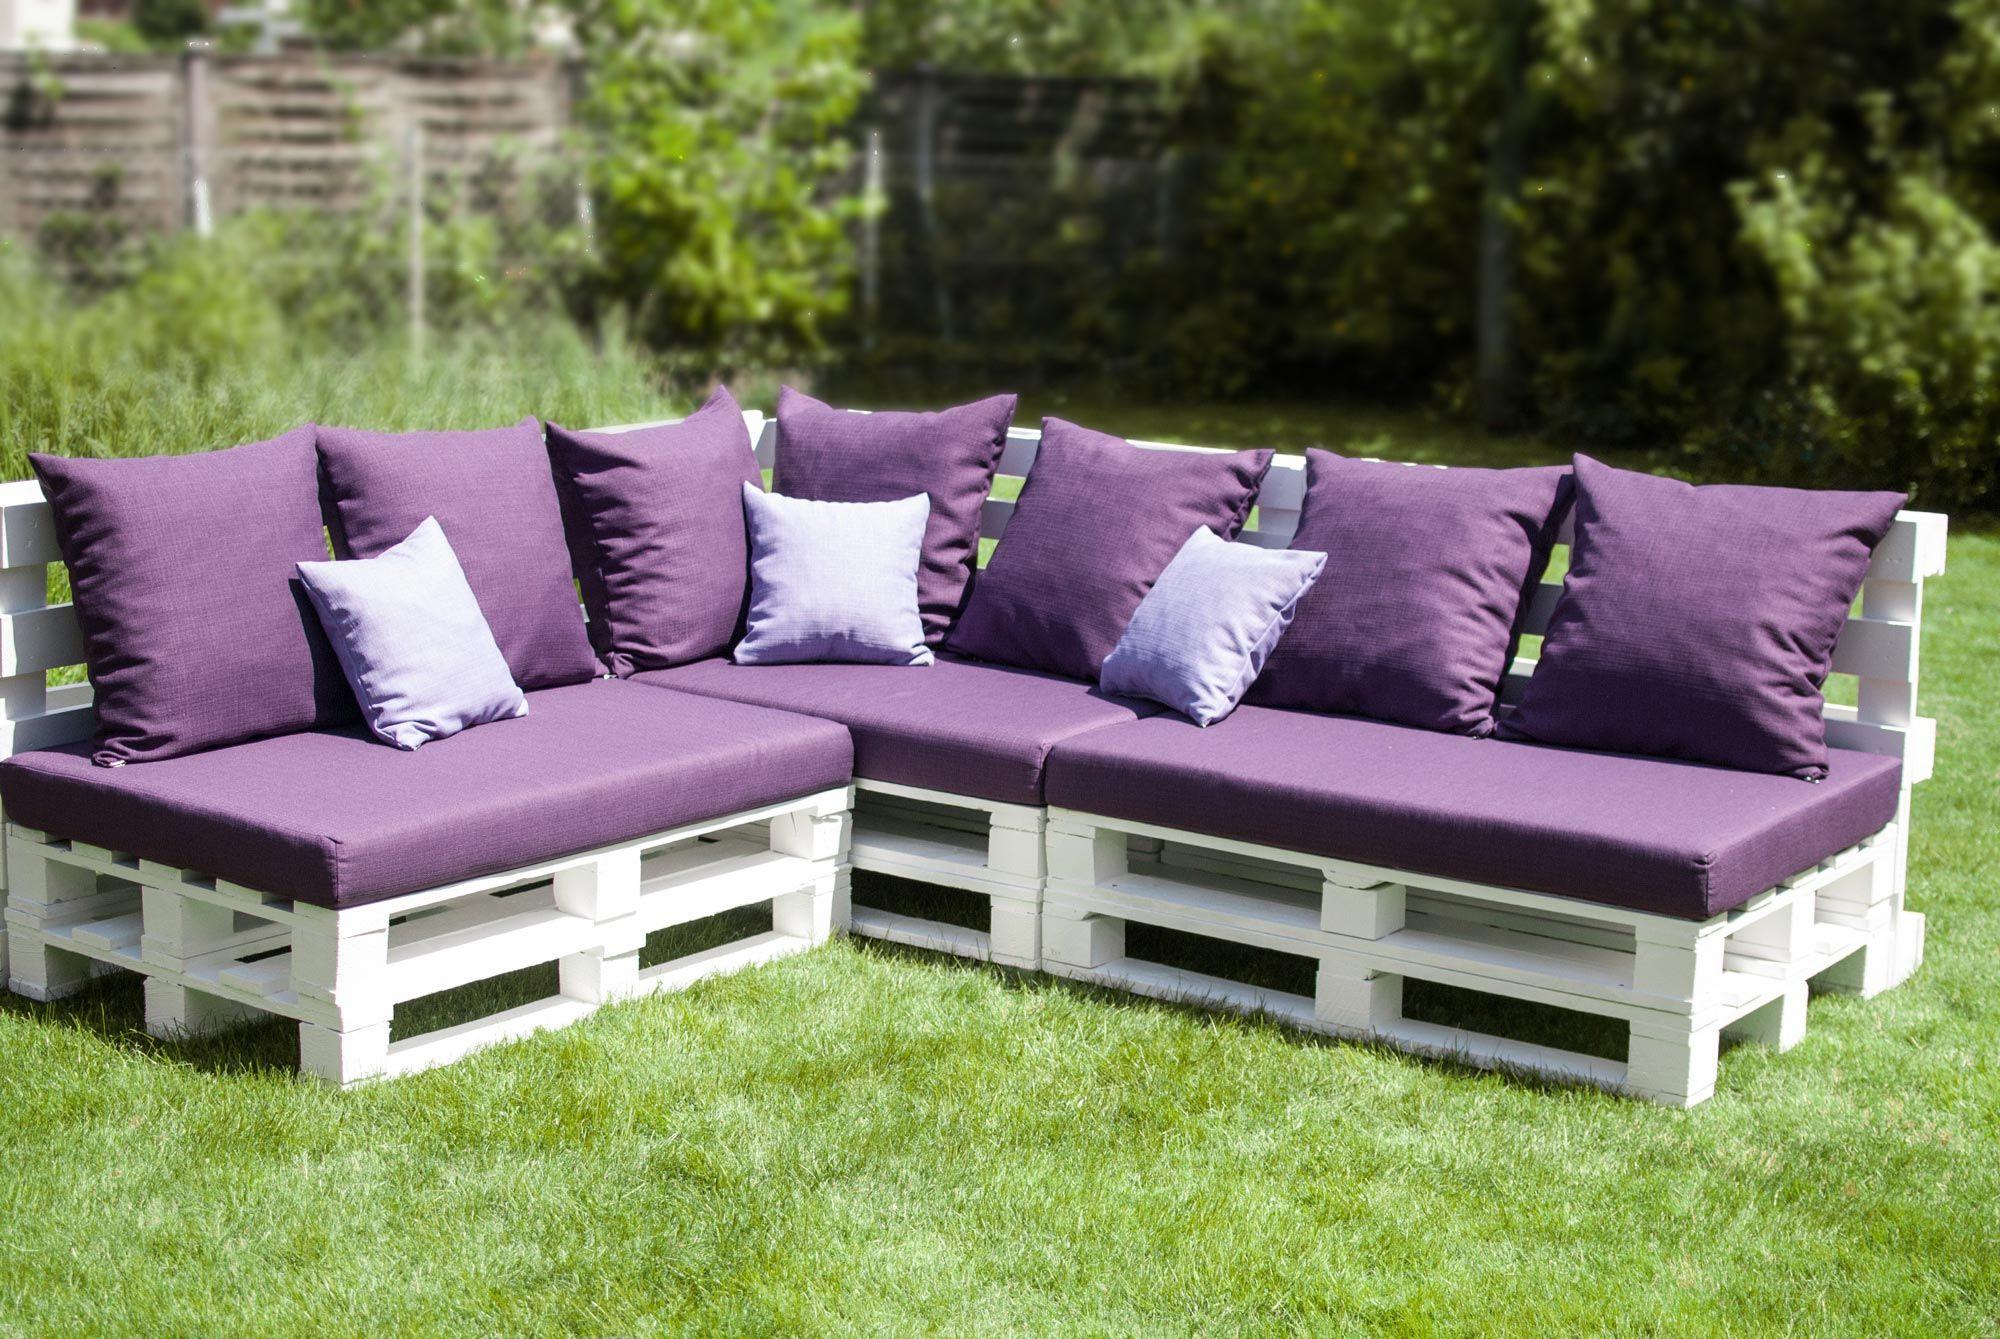 Diy Outdoor Couch Wohn Guide Blog Möbel Aus Paletten Bank Aus Paletten Europaletten Möbel